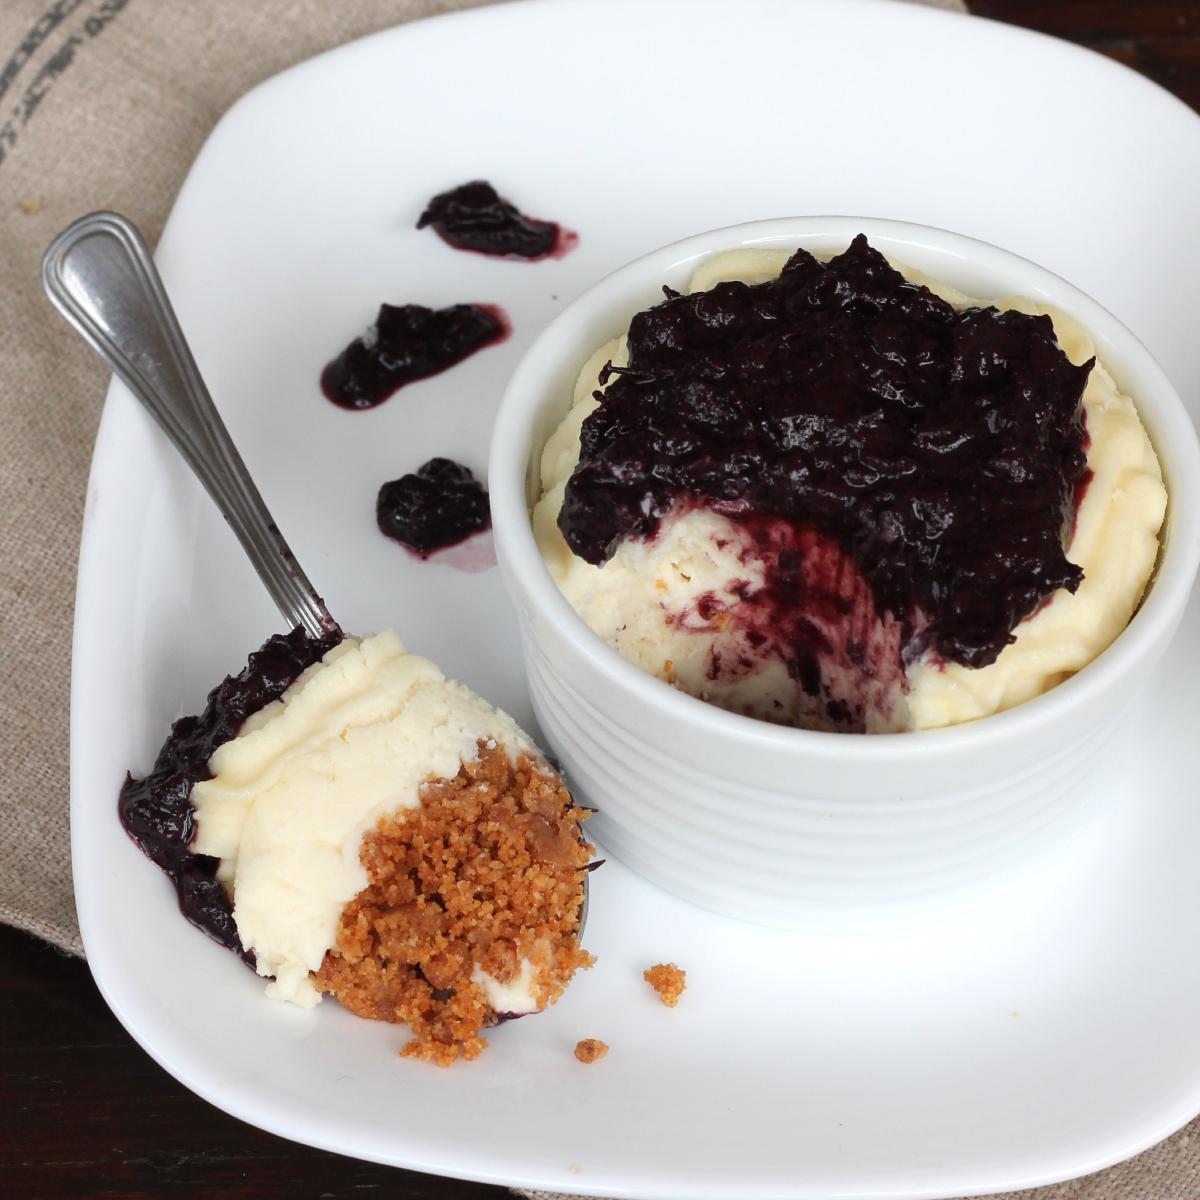 CHEESECAKE UVA fragola senza colla di pesce   con marmellata di uva e cioccolato bianco